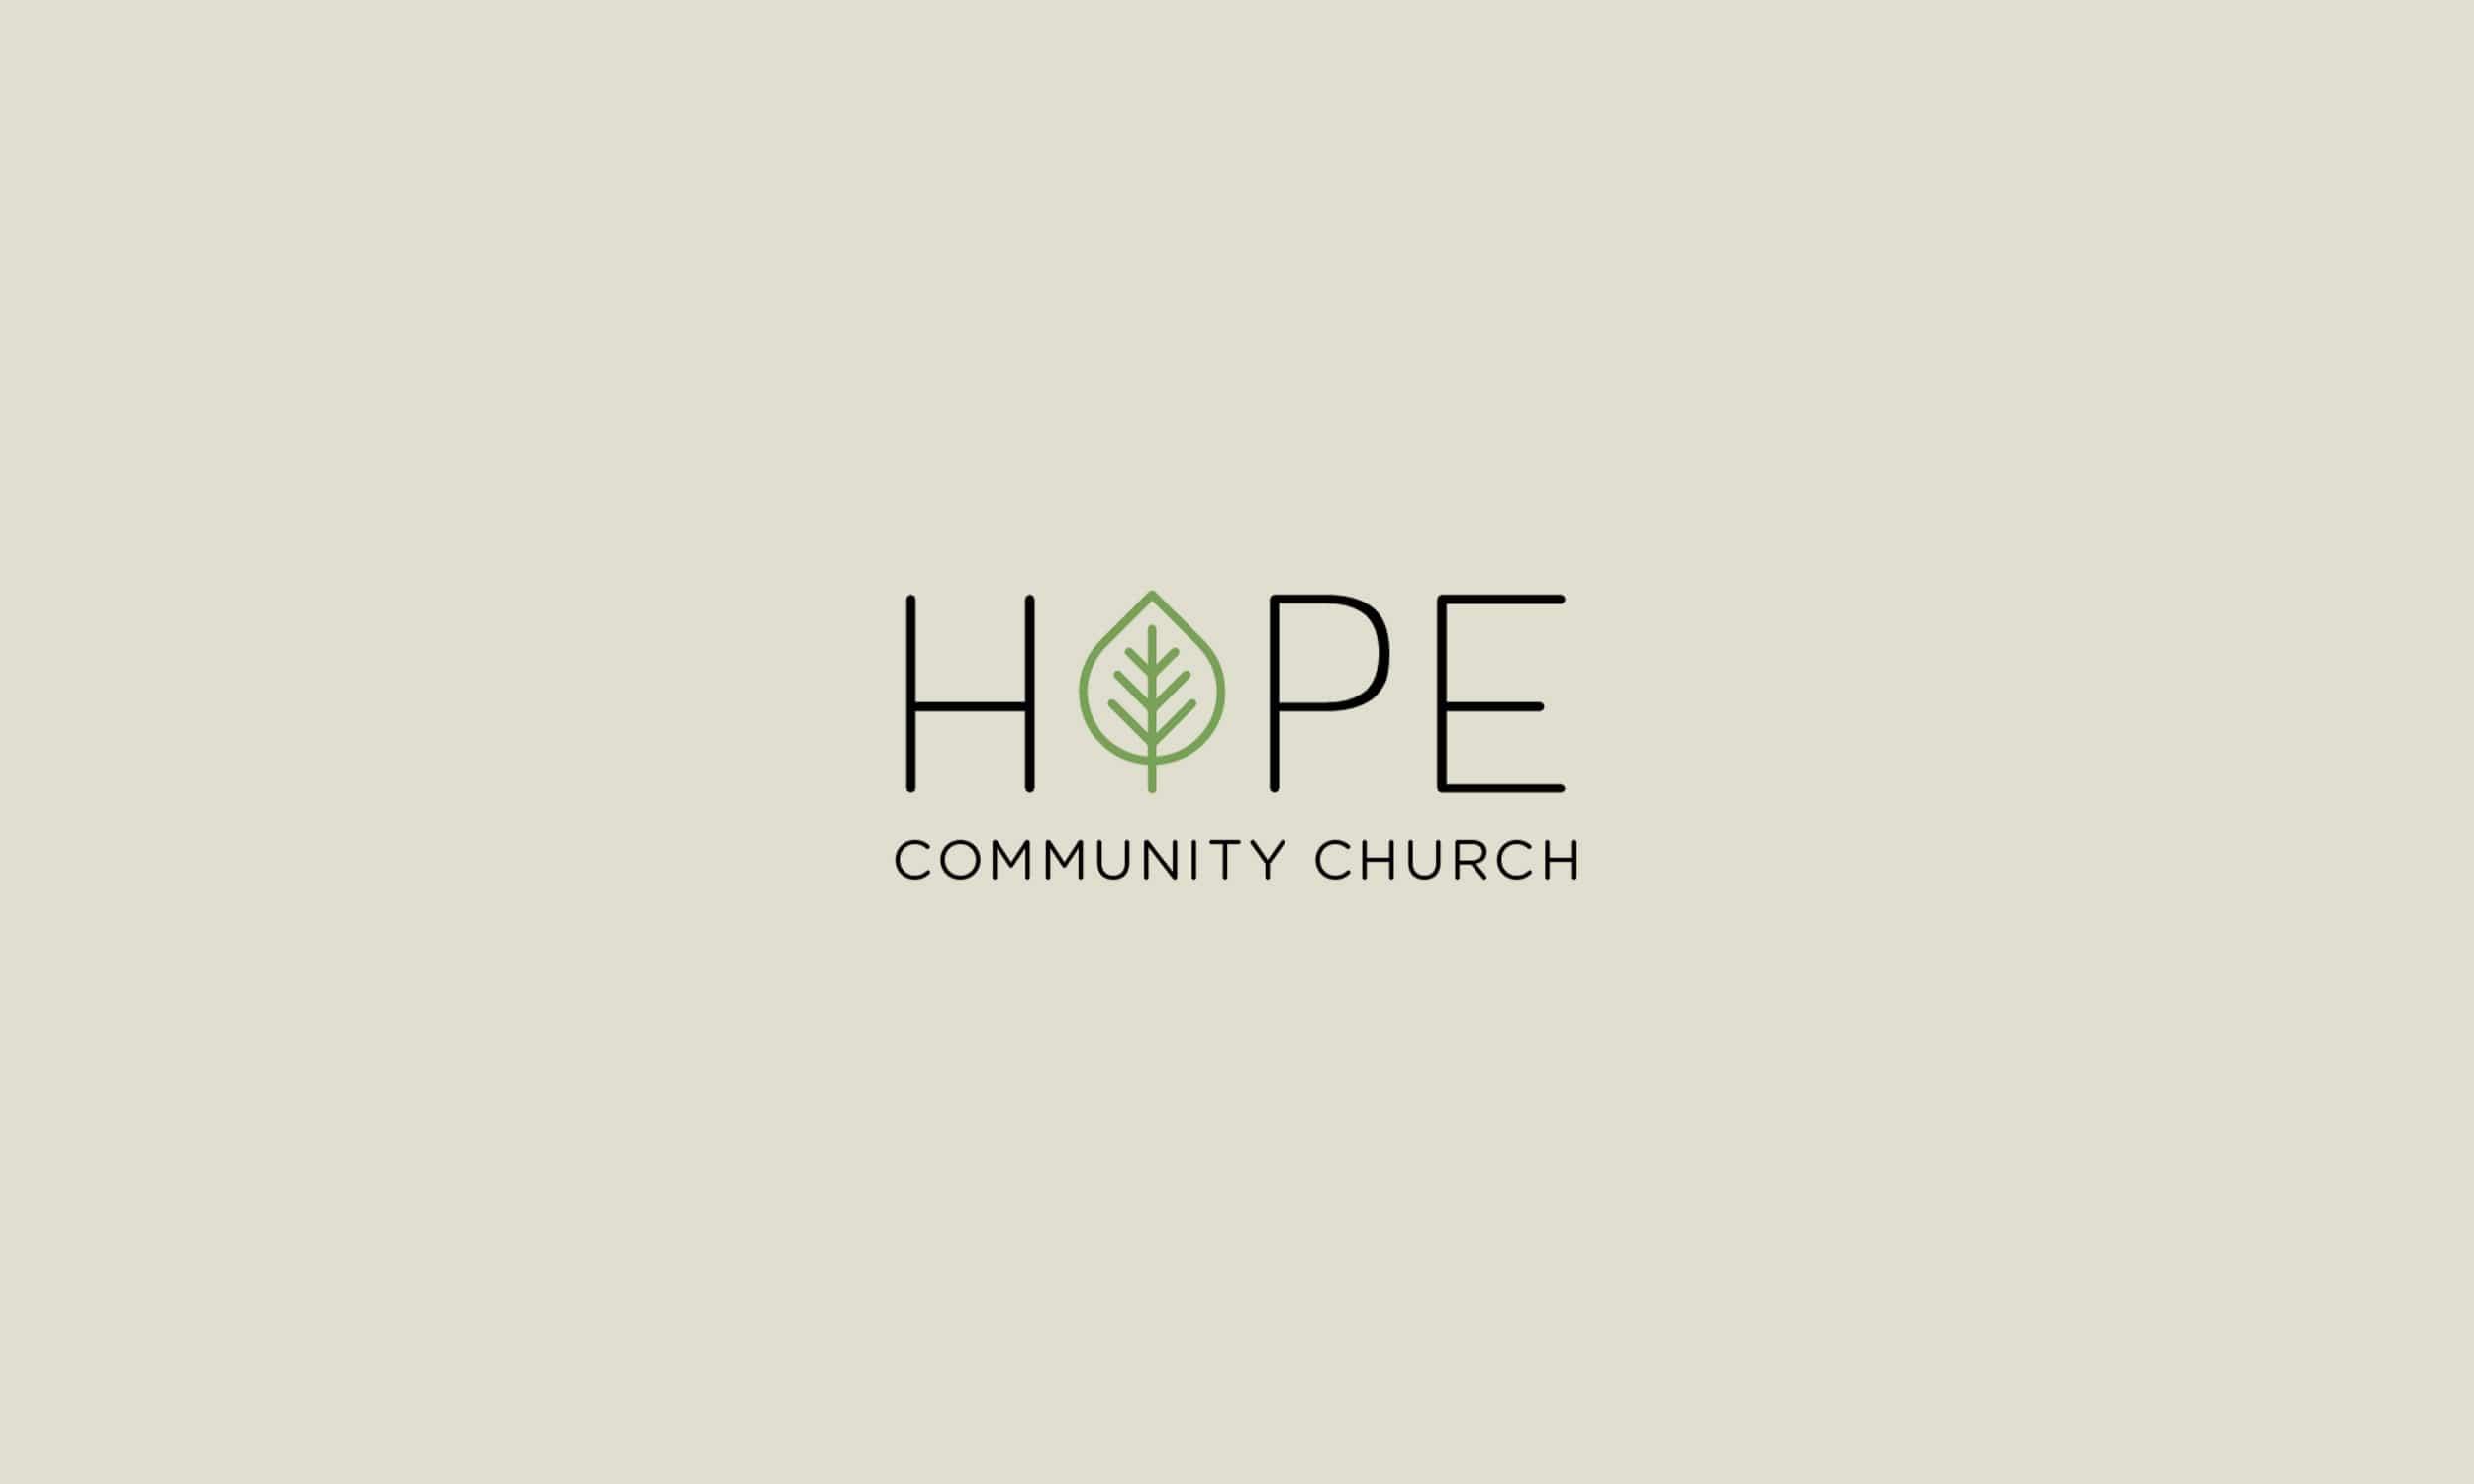 hdr-logo-template-hope.jpg